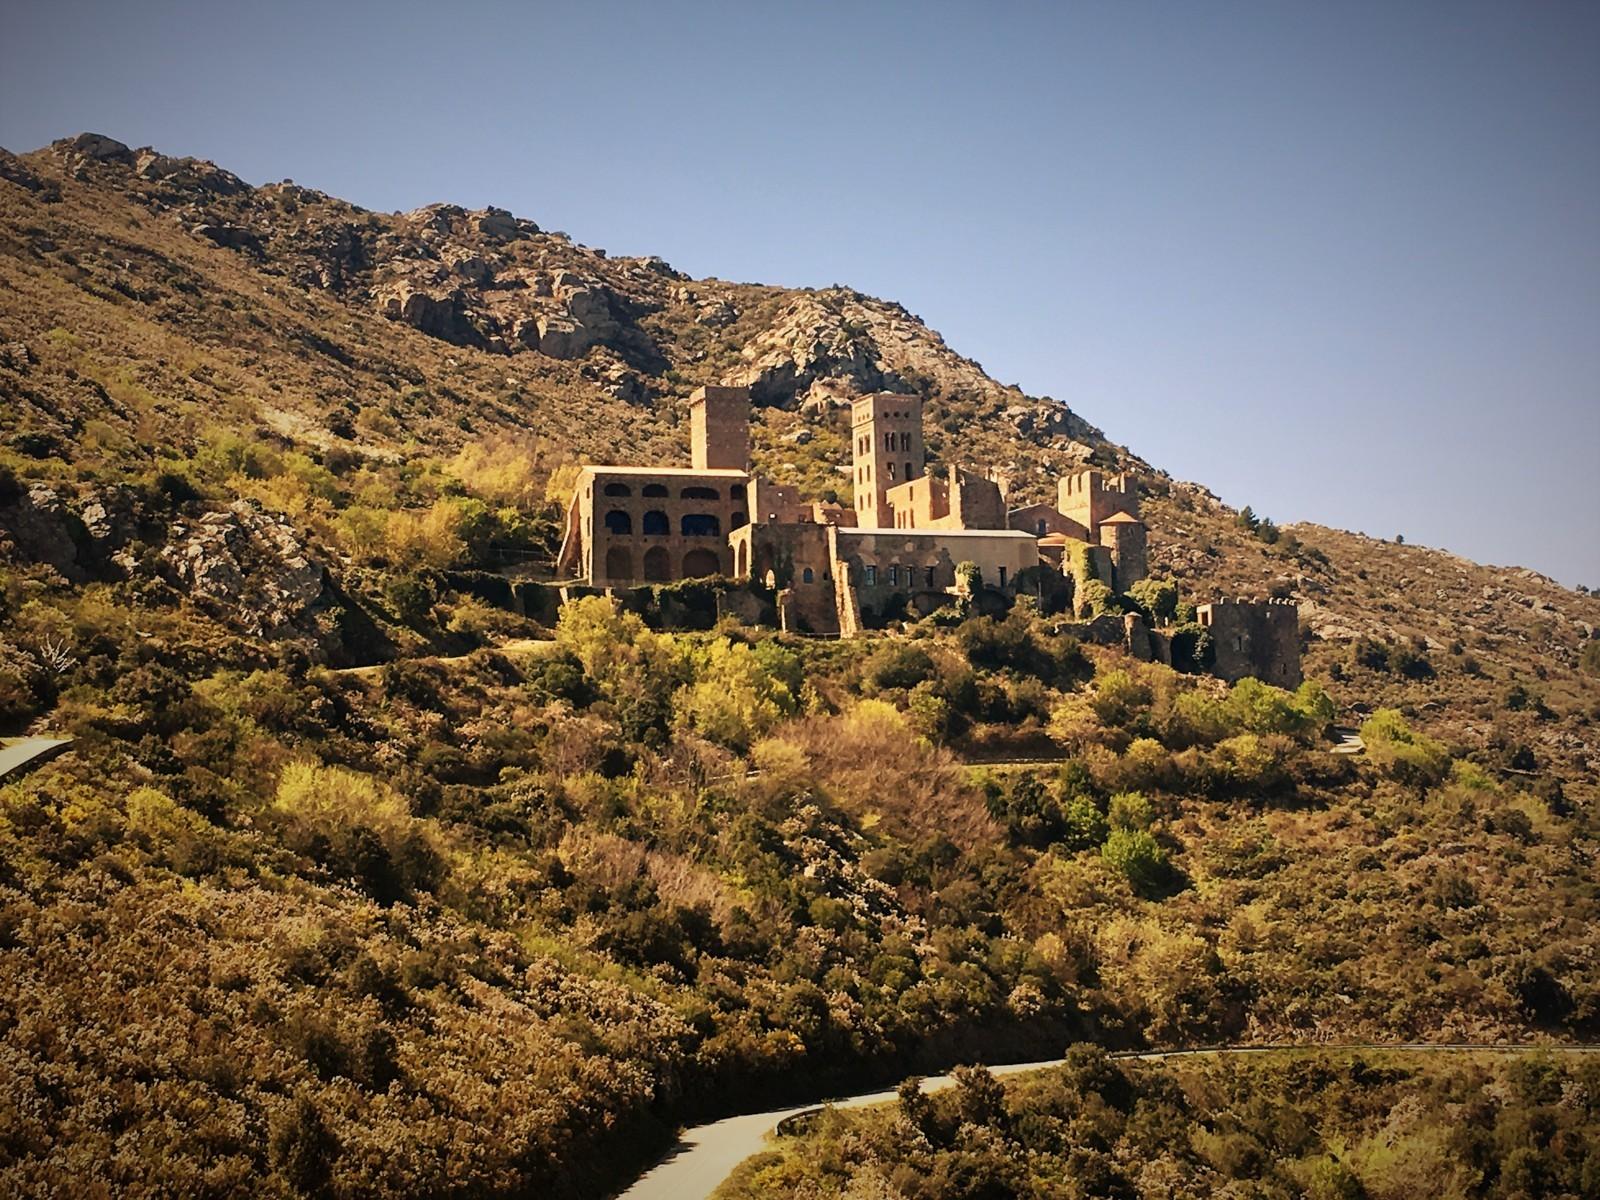 Das ehemalige Benediktinerkloster Sant Pere de Rodes knapp unter dem Gipfel des 500 Meter Berges in der Serra de Rodes